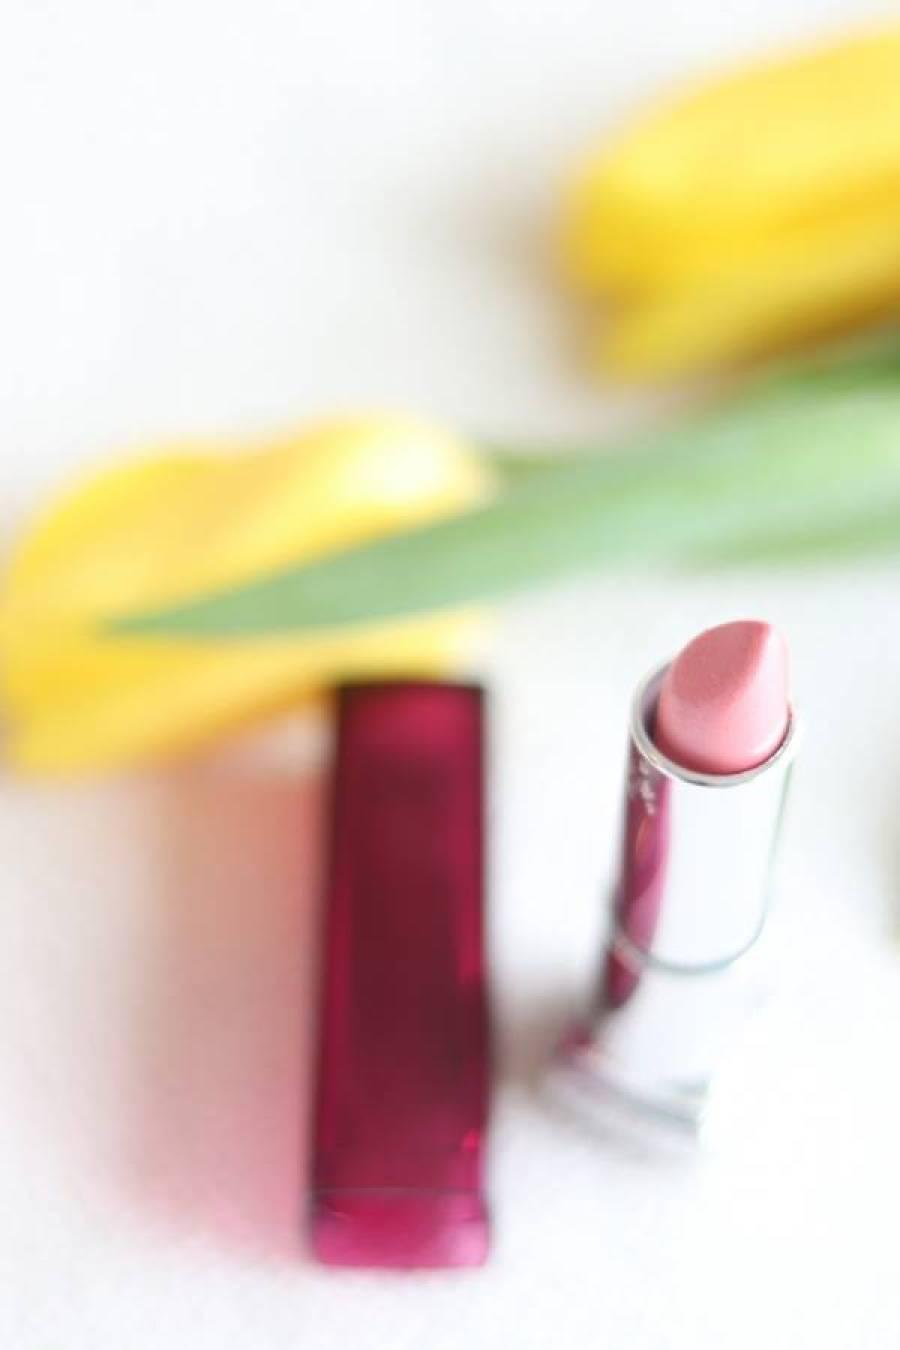 20190304113030 IMG 0562 - De 5 best verkochte beauty producten van 2018!